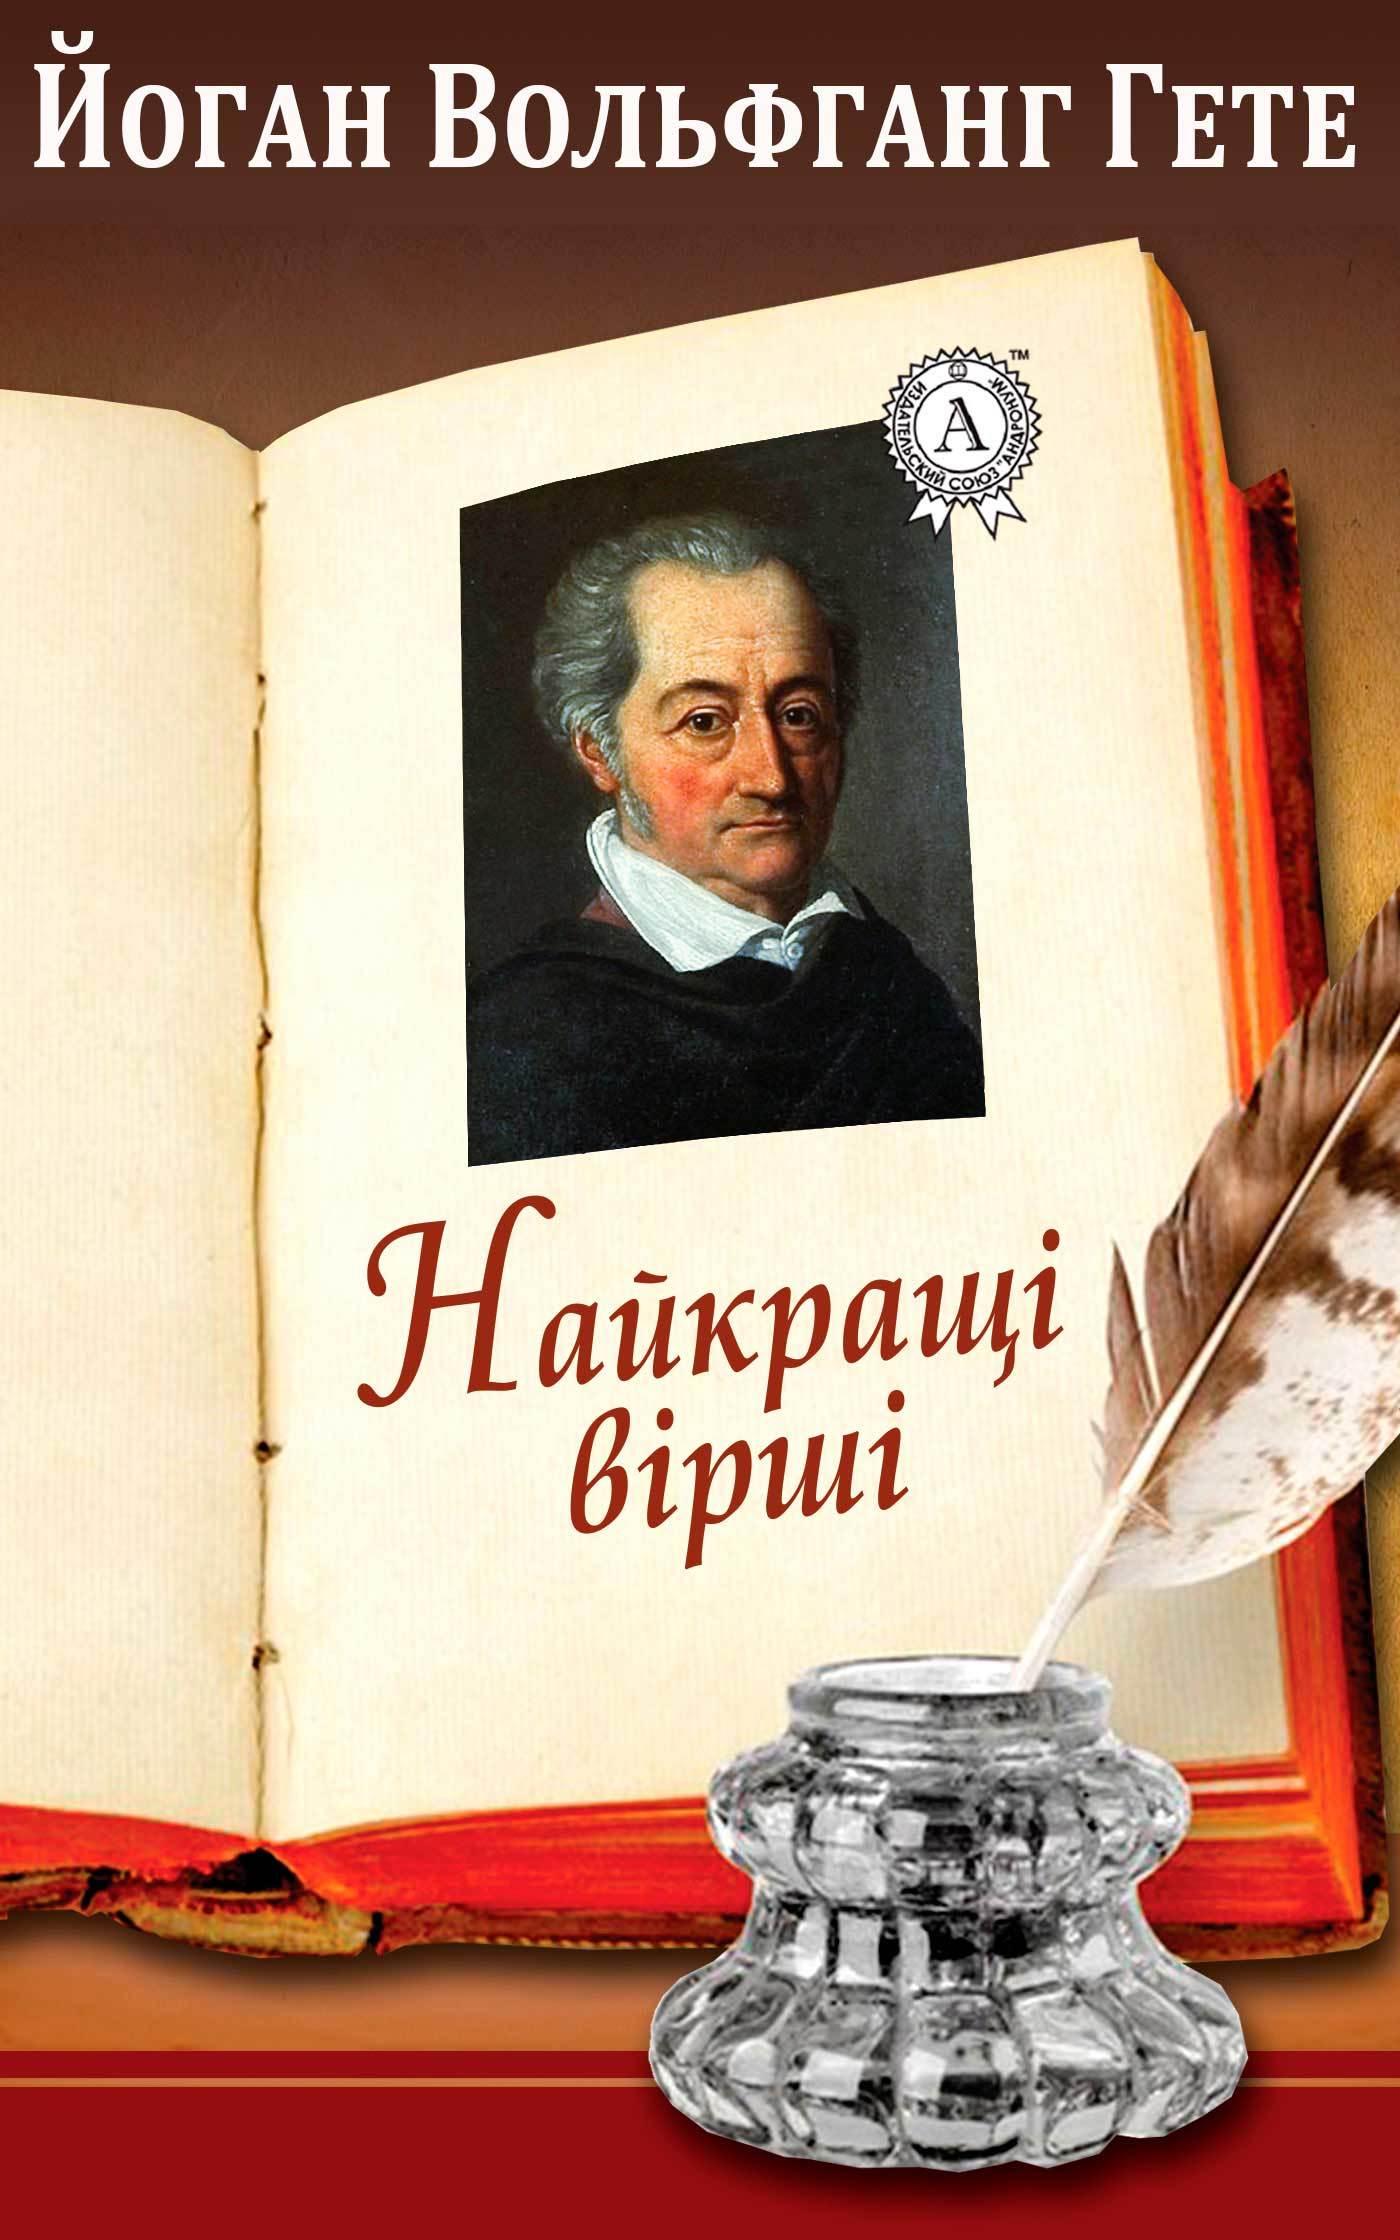 Иоганн Вольфганг Гёте Найкращі вірші иоганн вольфганг гёте найкращі вірші